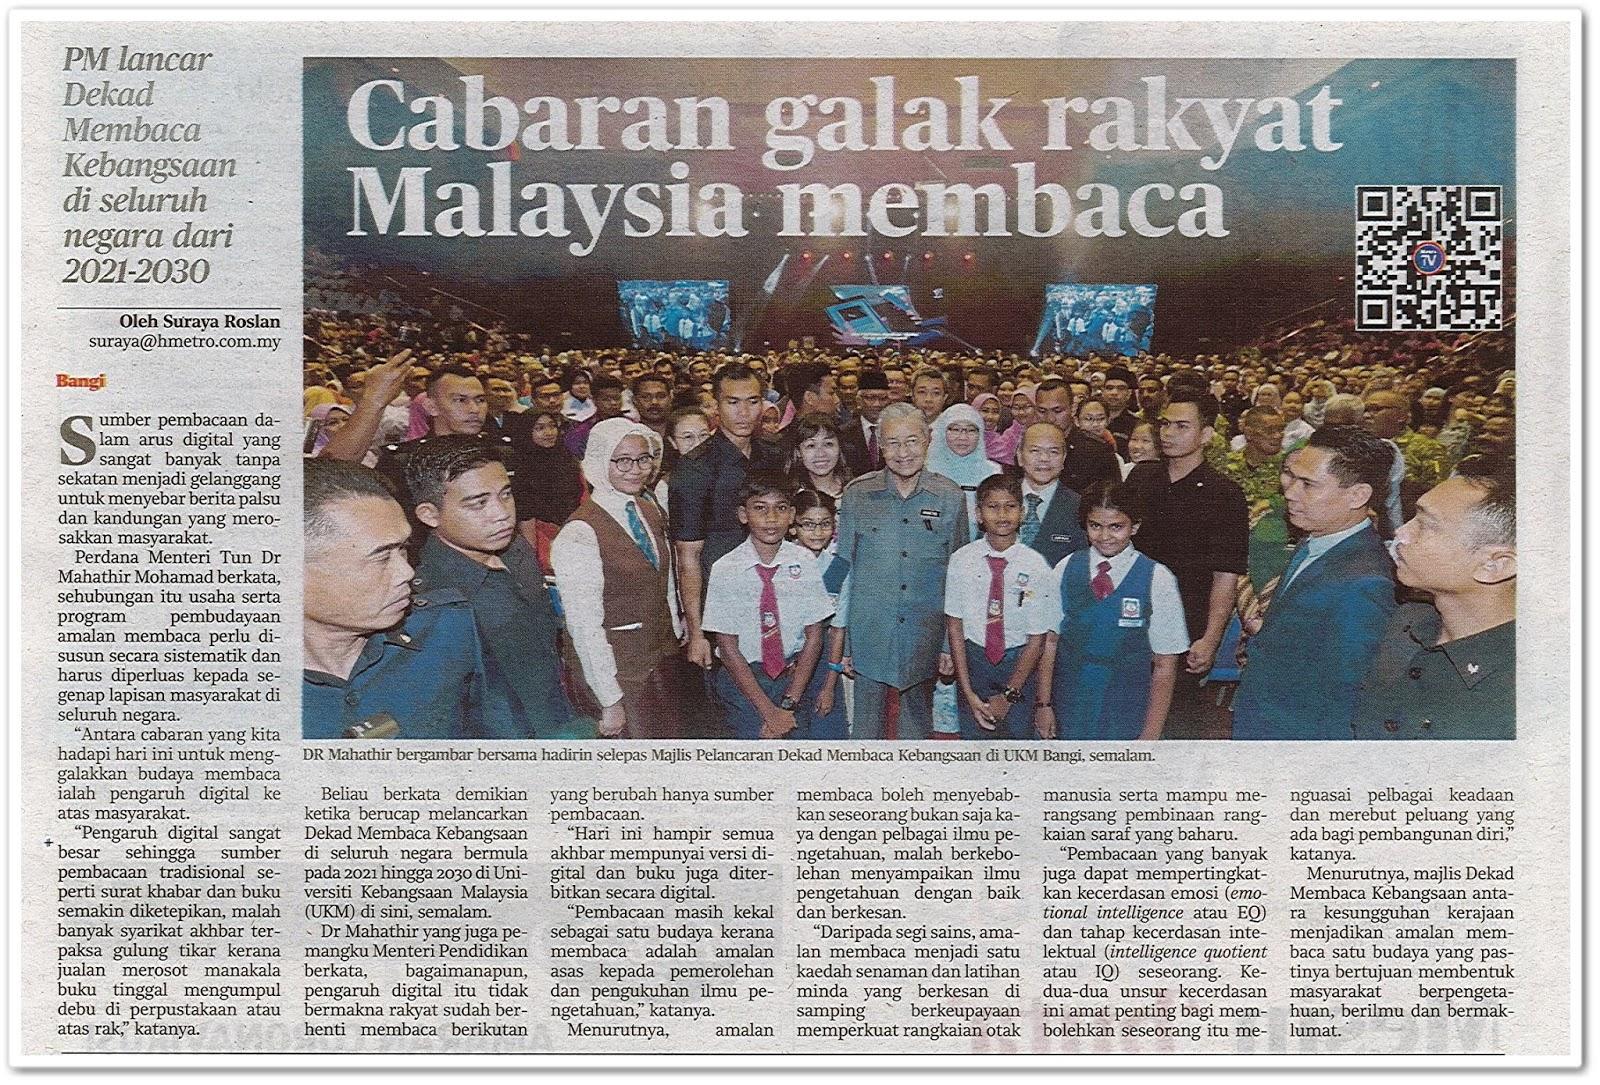 Cabaran galak rakyat Malaysia membaca - Keratan akhbar Harian Metro 14 Februari 2020